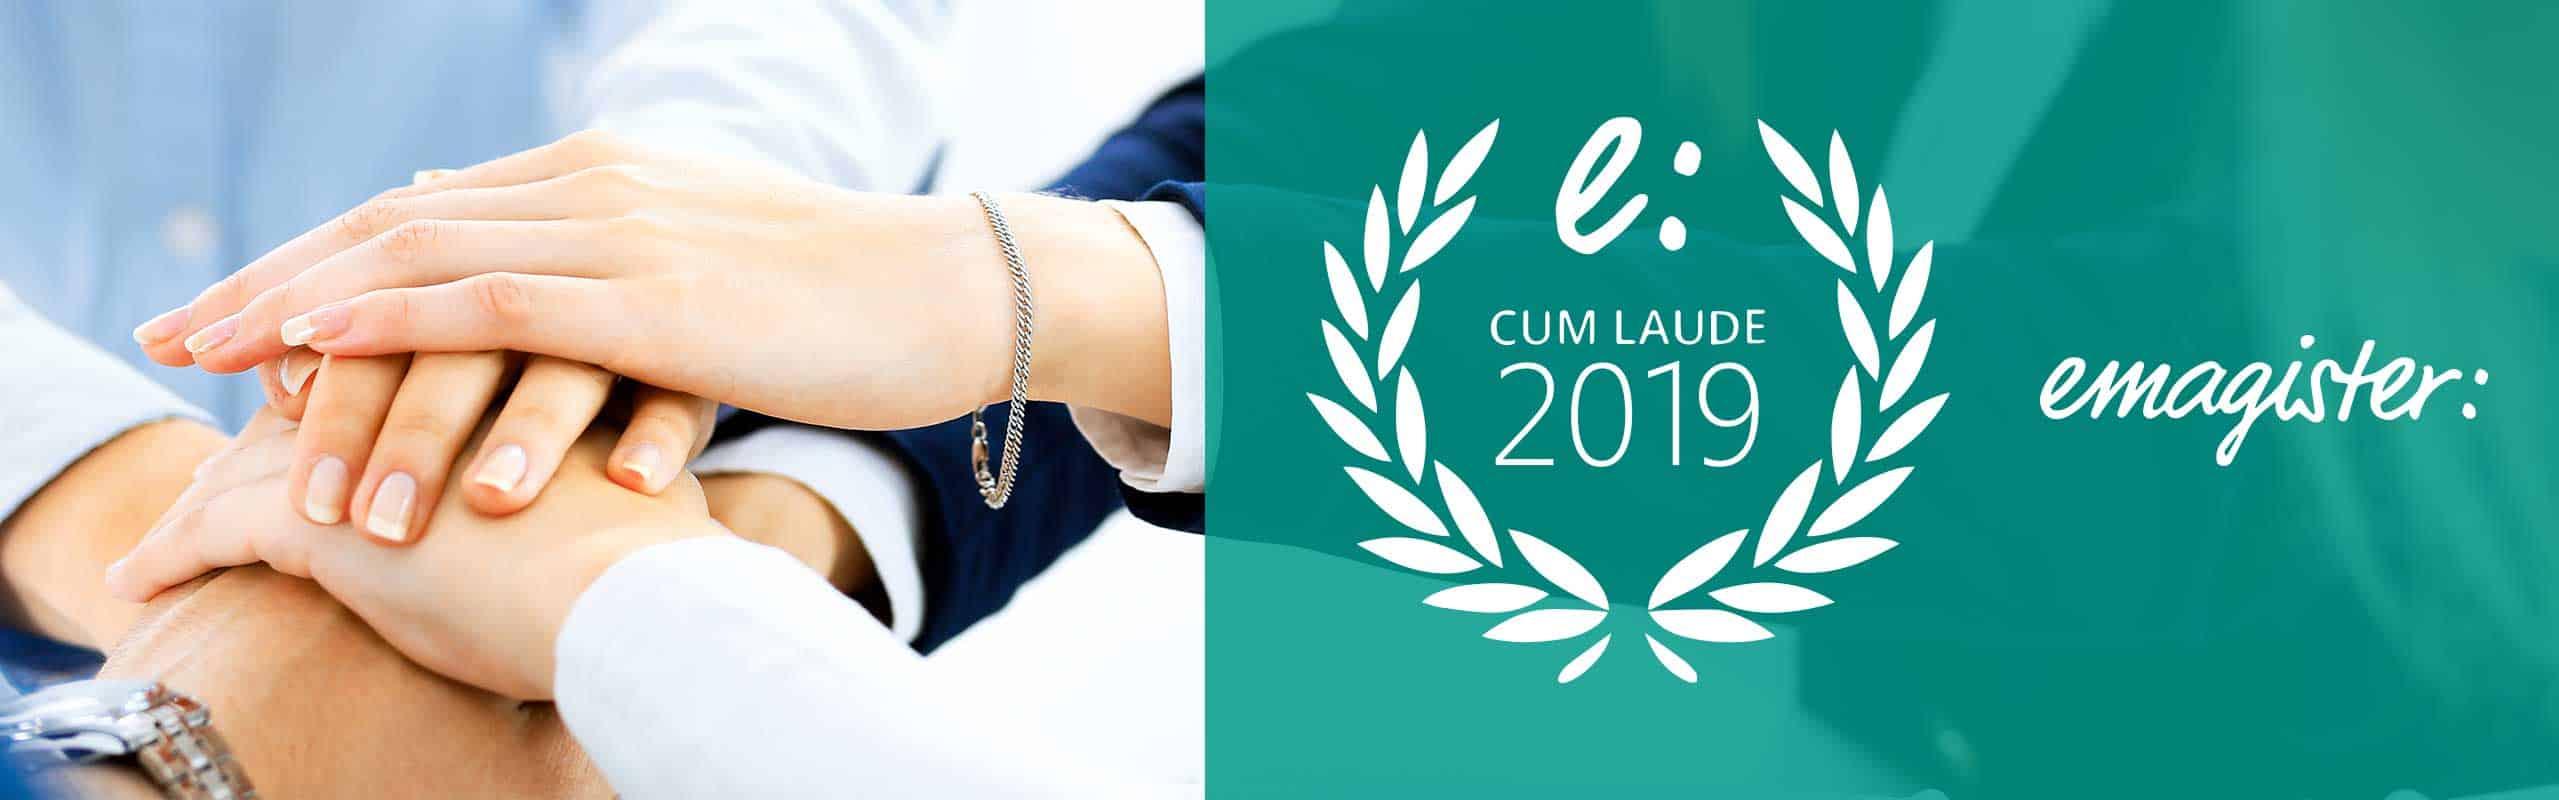 Ieeducación ha sido premiada con el sello cumplido laude 2019